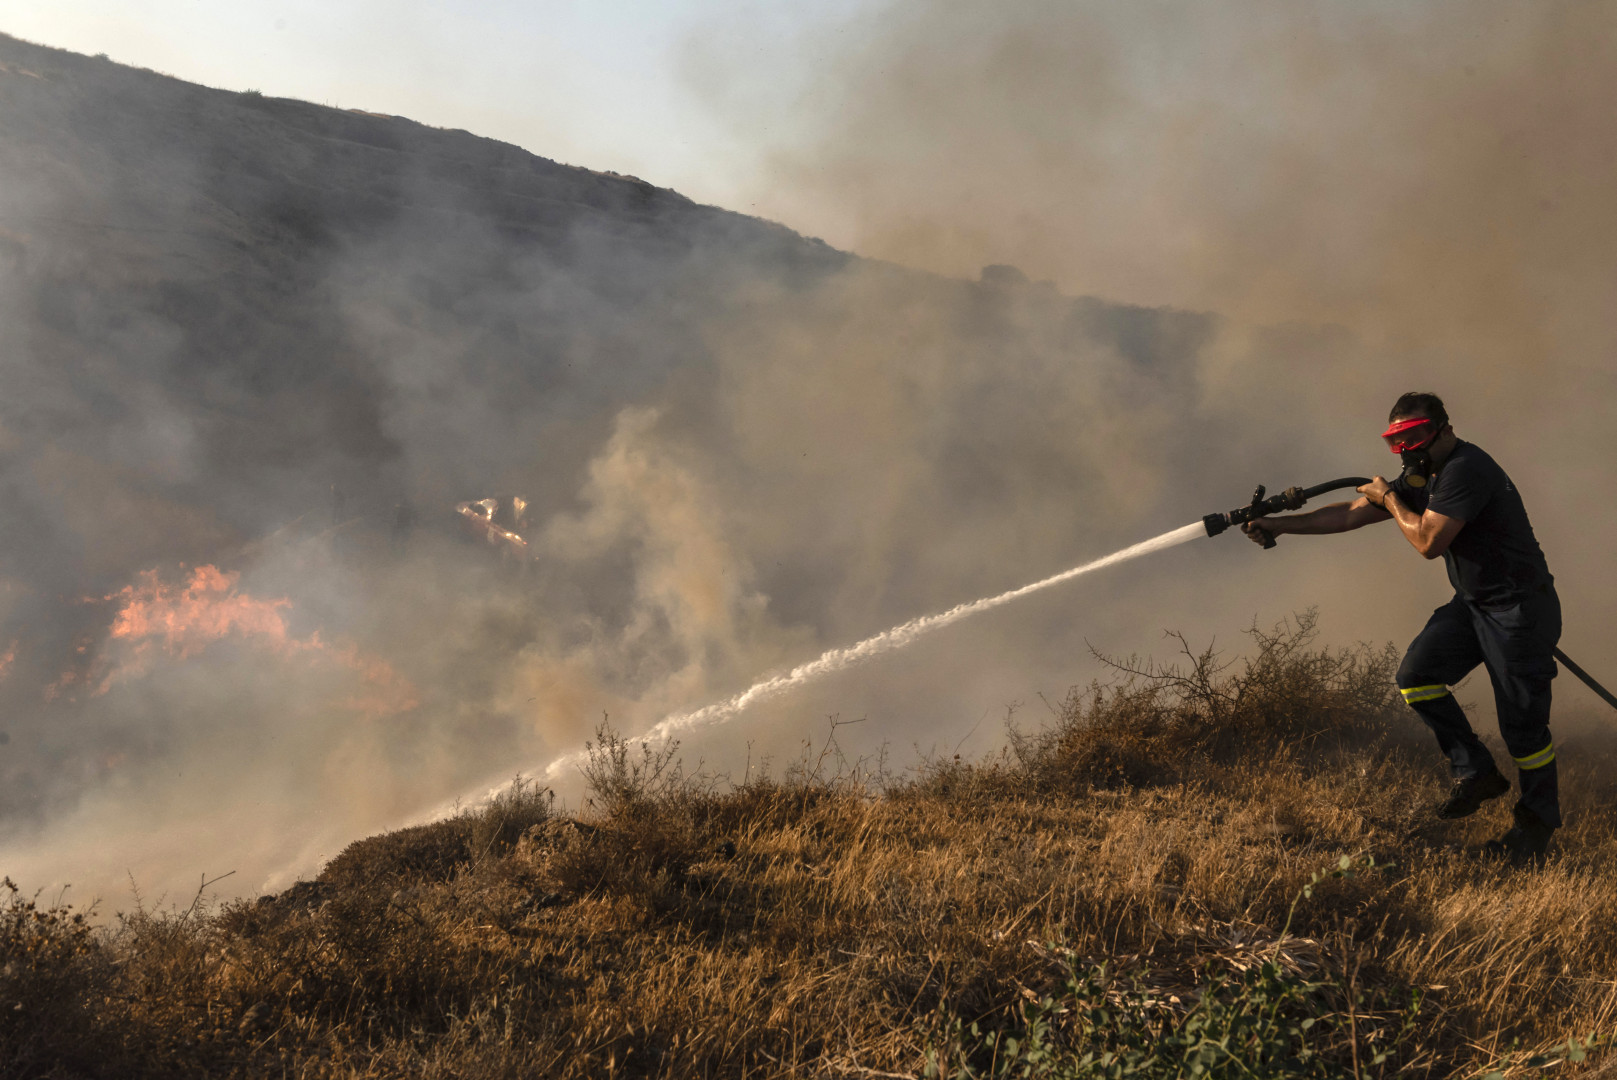 Même s'il est désormais sous contrôle, une importante présence de pompiers a été maintenue dans le secteur en cas de possibles reprises de feux.